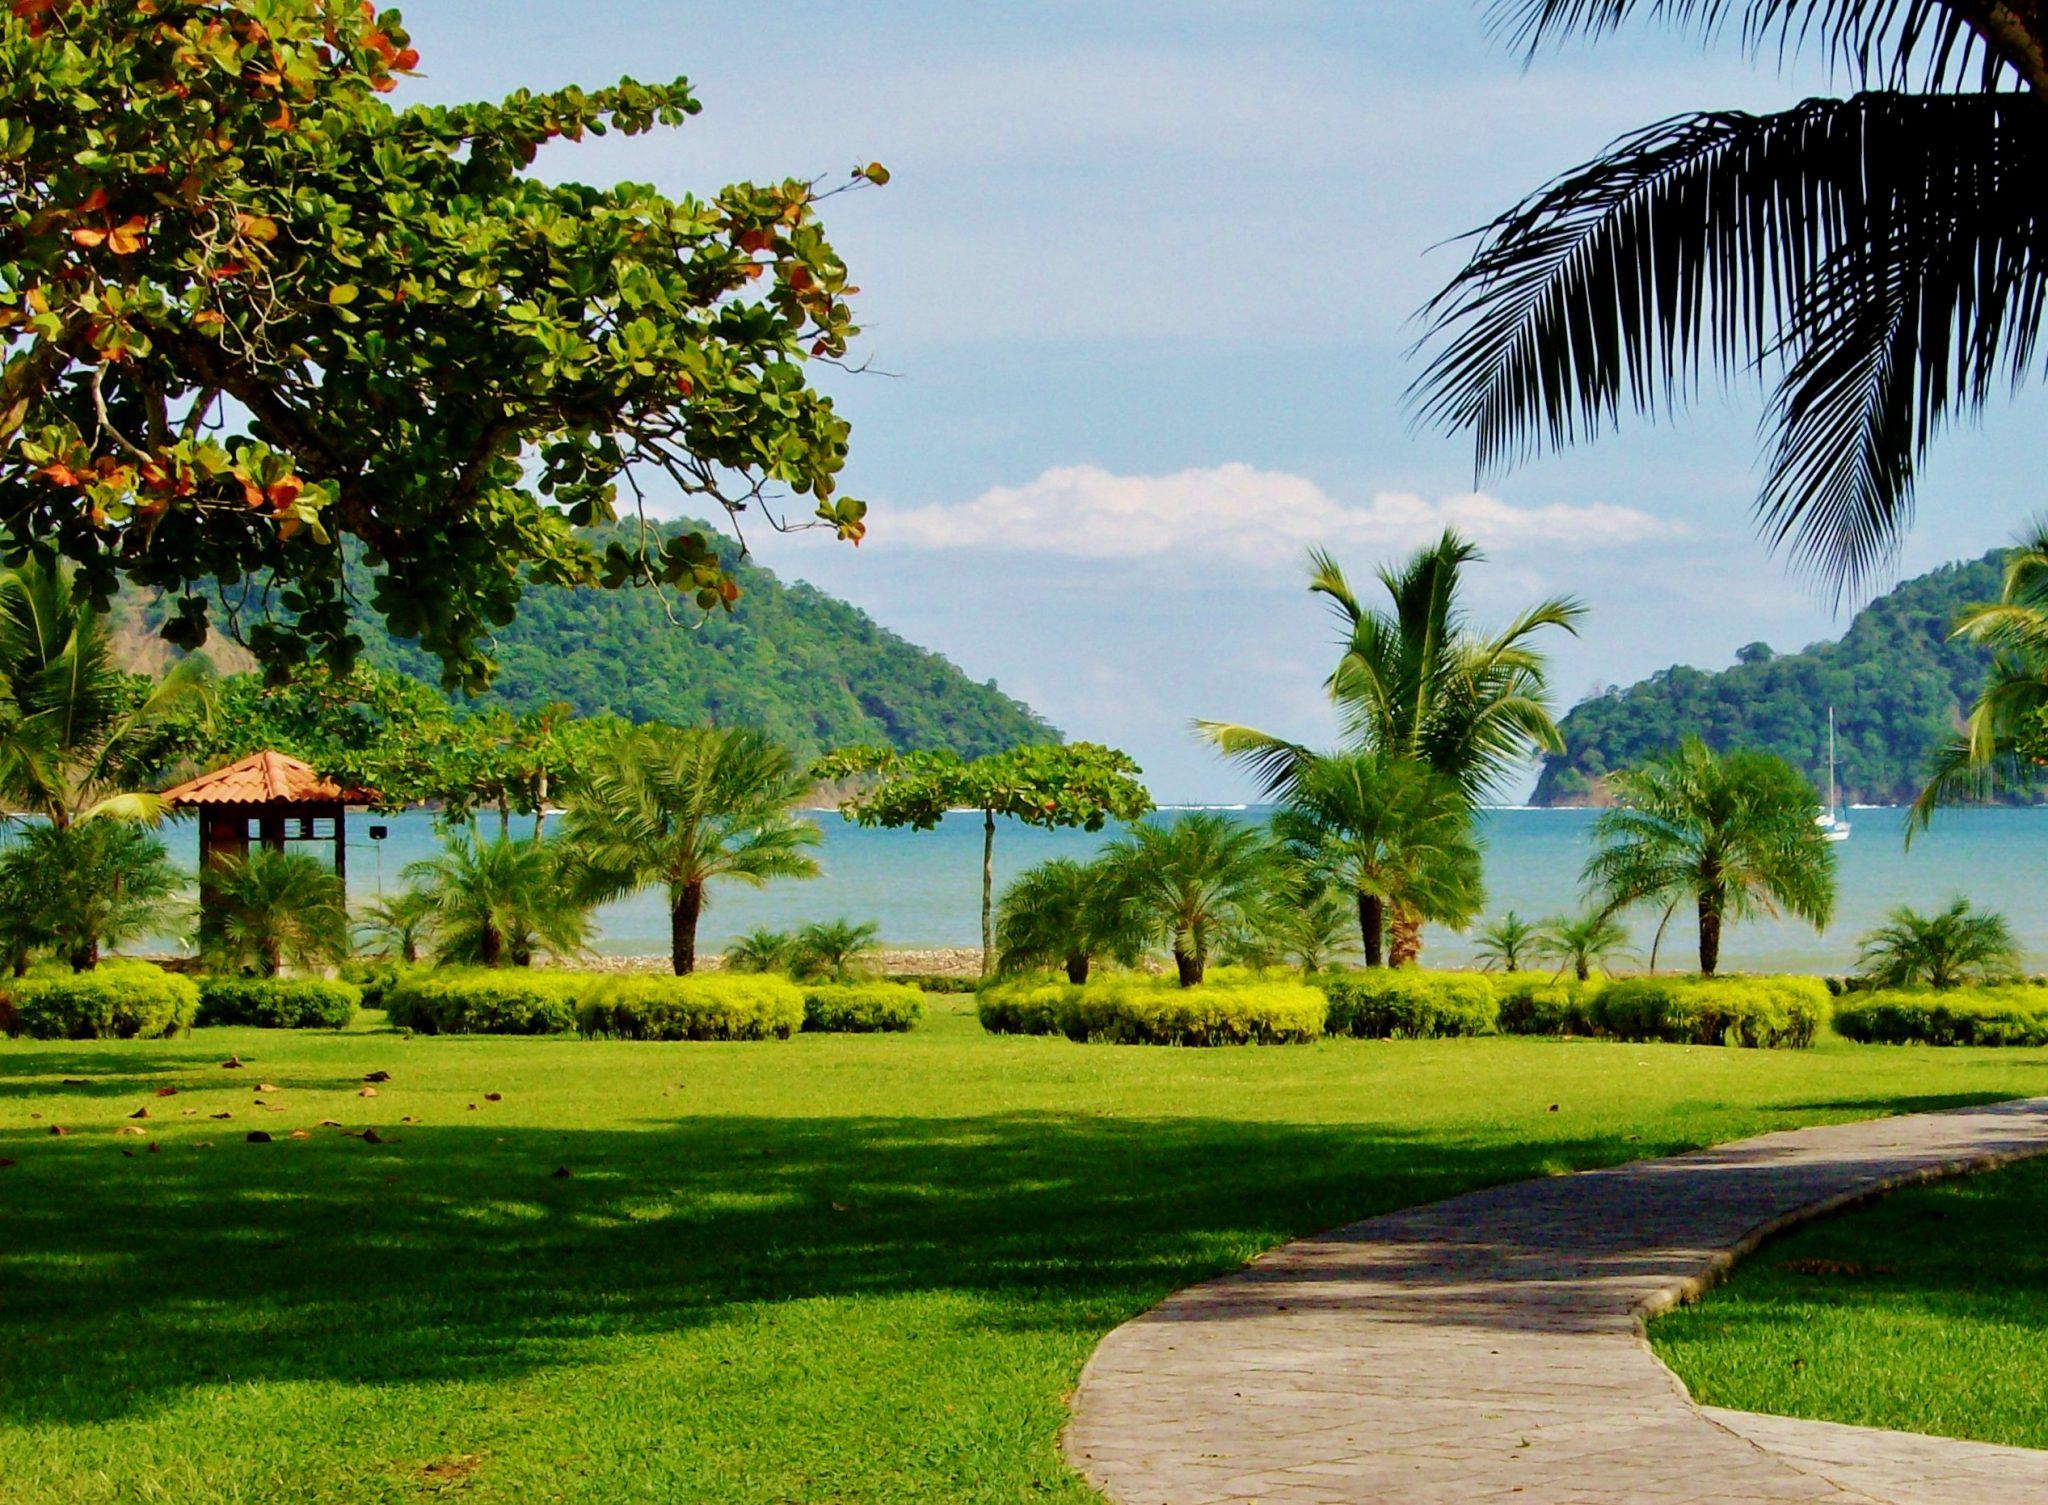 Costa Rica, South America